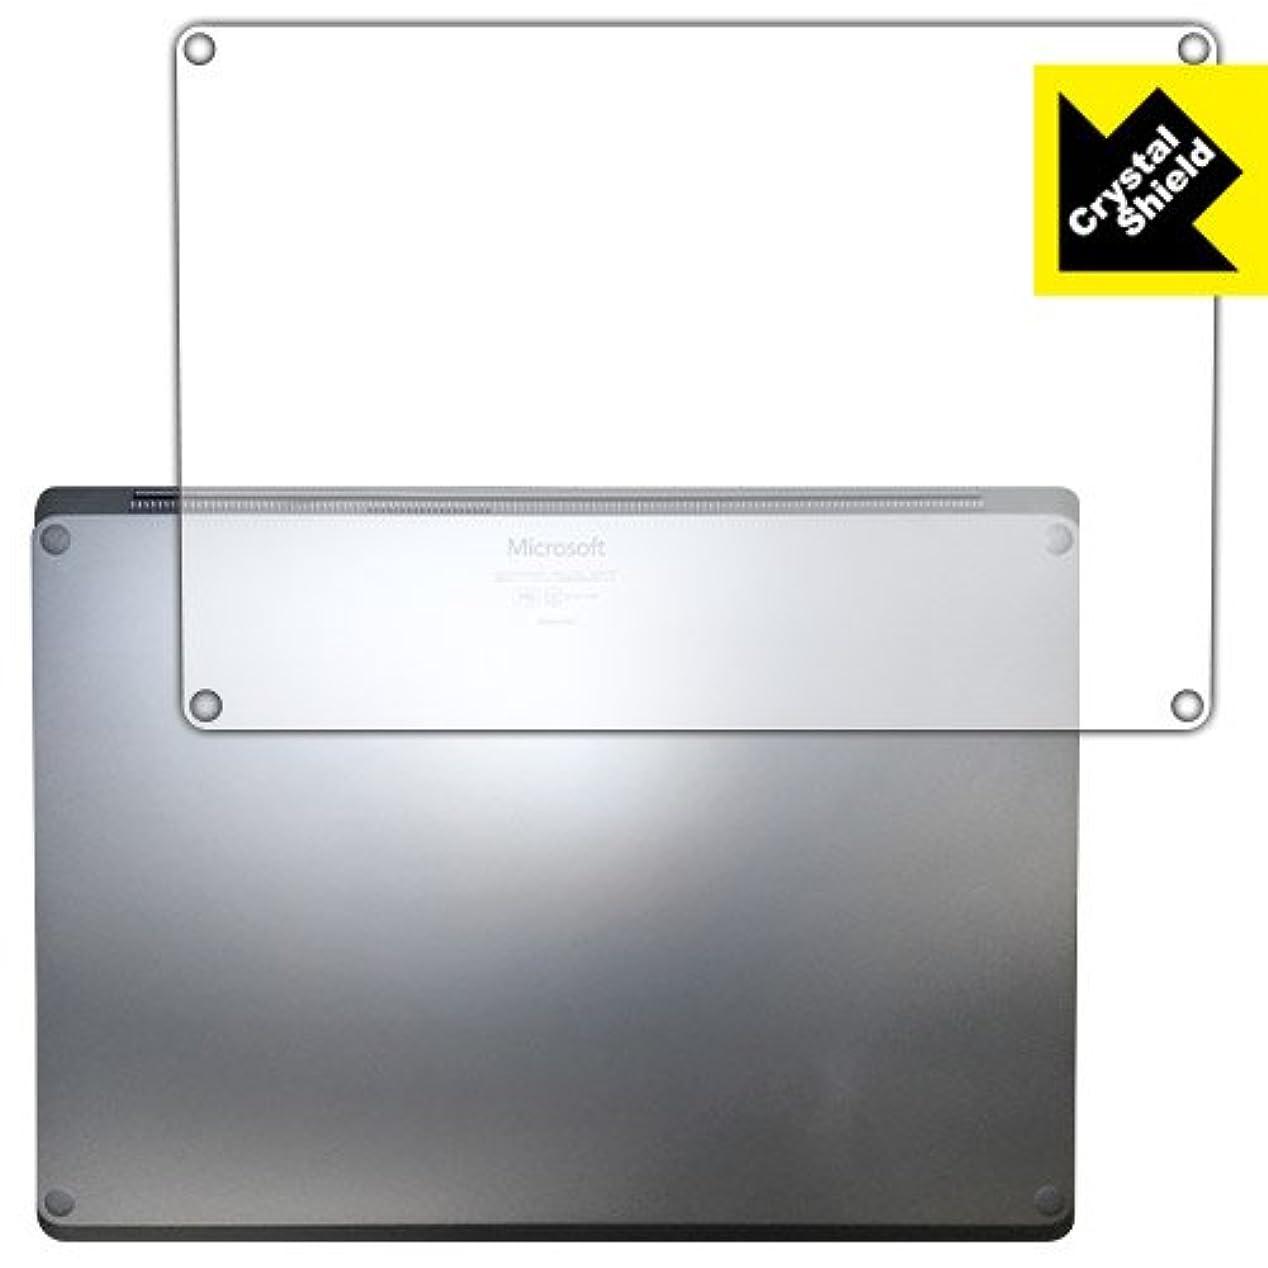 スポーツの試合を担当している人スタジオ恐怖防気泡 フッ素防汚コート 光沢保護フィルム Crystal Shield Surface Laptop (底面用) 日本製